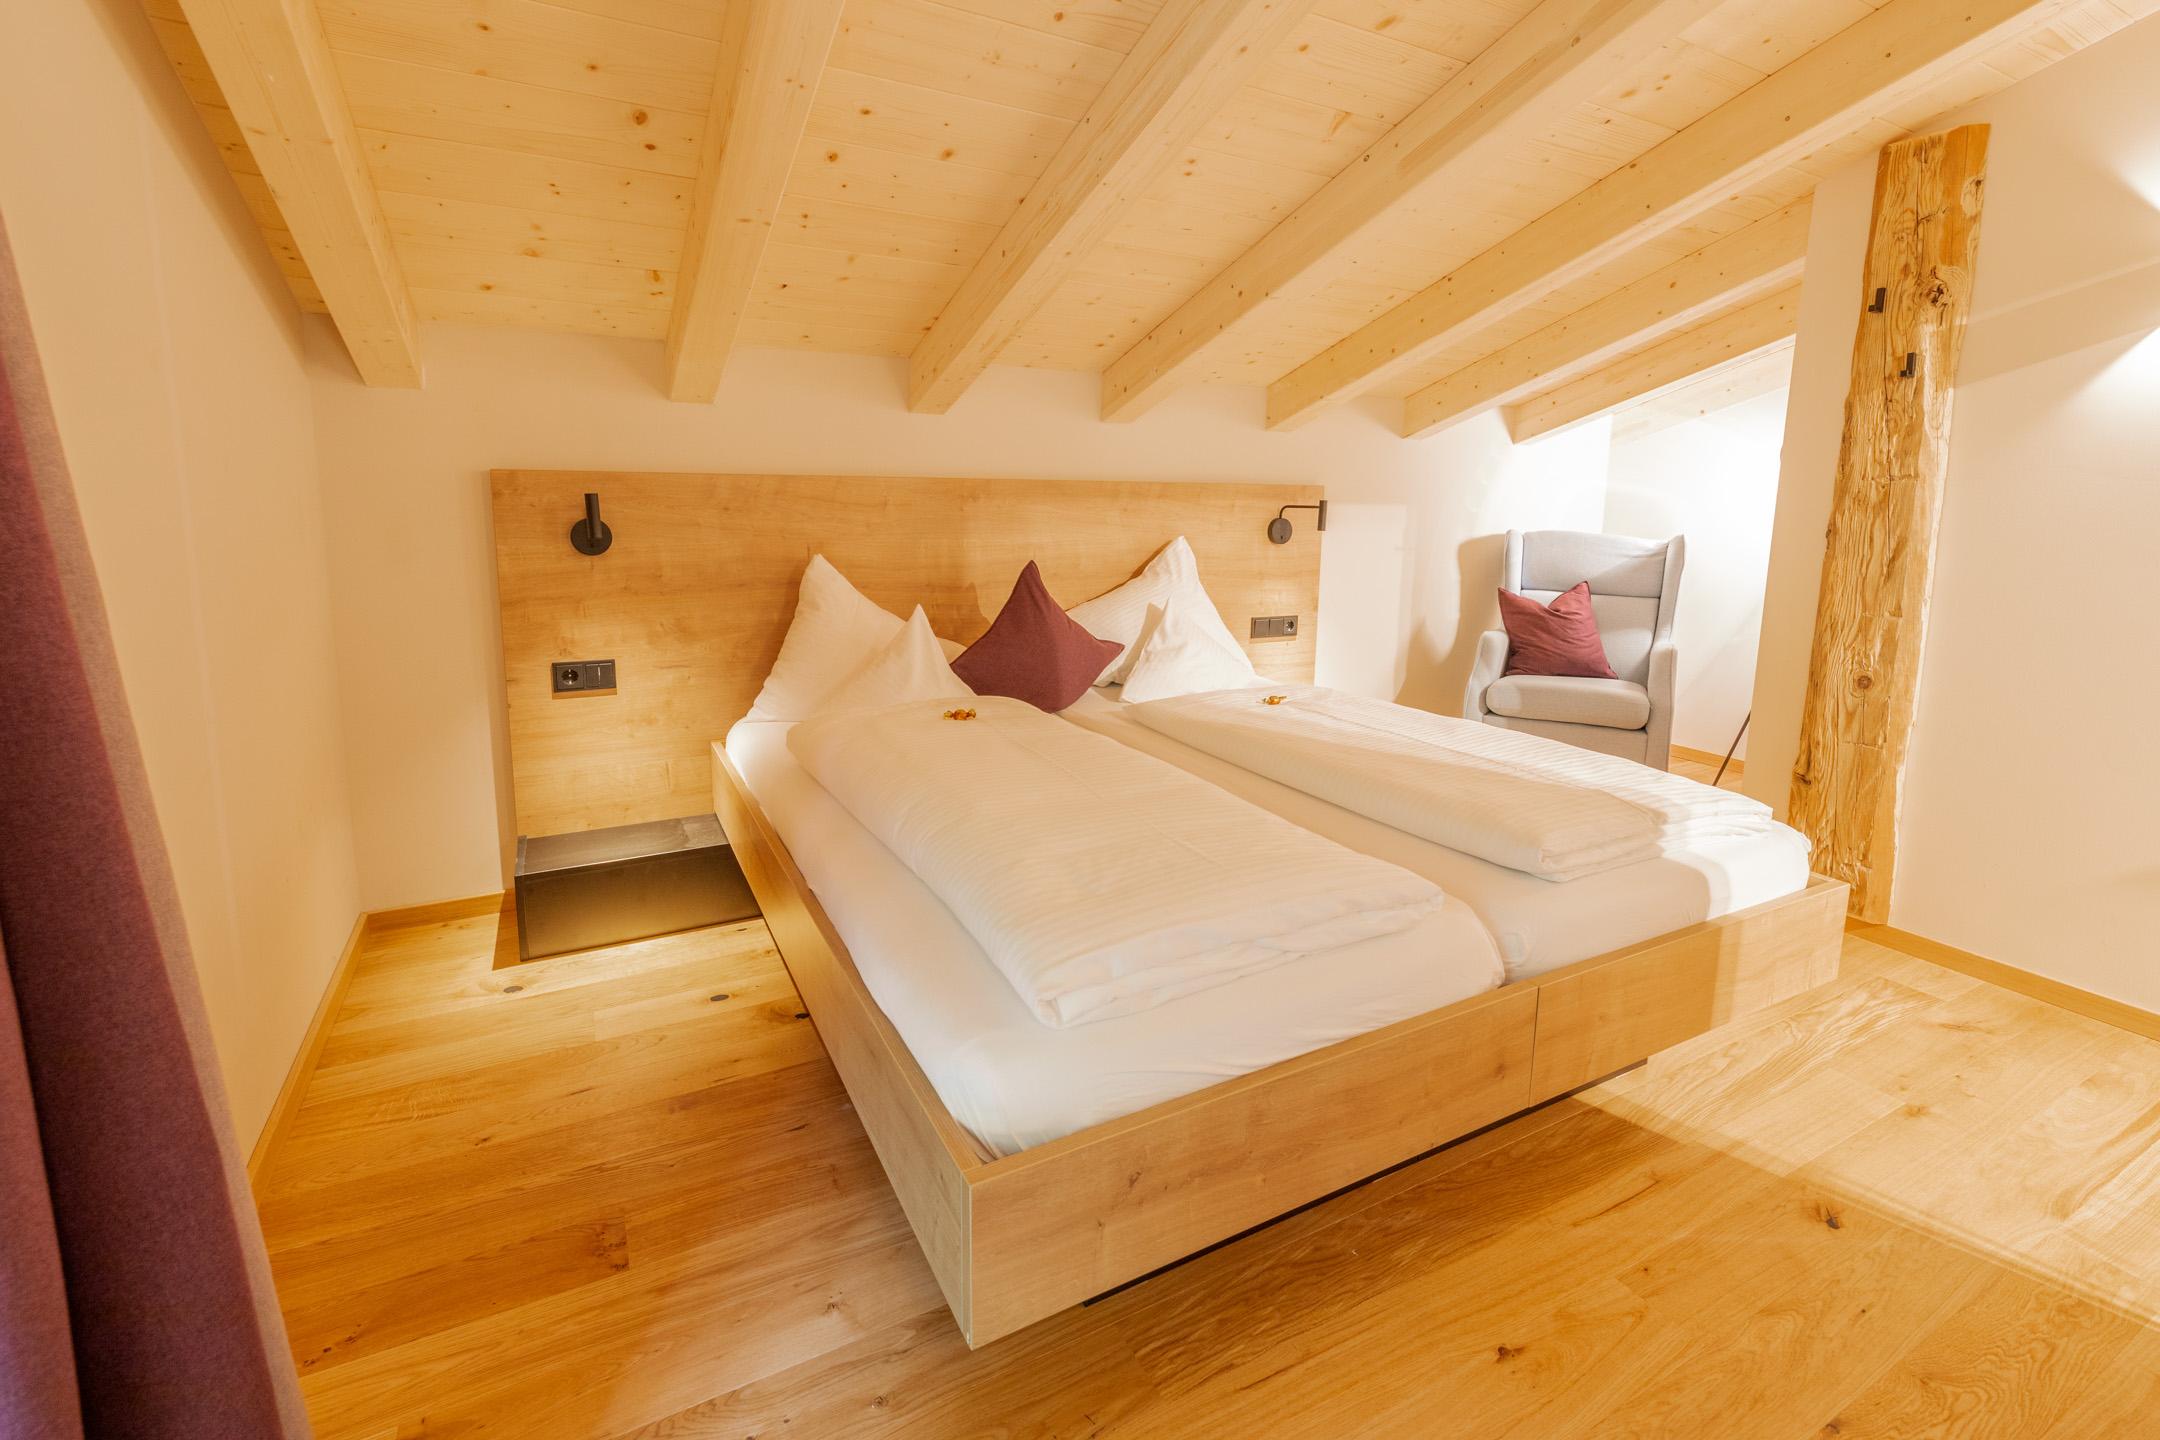 Große Suite für bis zu vier Personen im neuen Design Hotel Haus Jausern in Saalbach. Genießen sie den Luxus, einer Familien Suite mit getrennten Schlafzimmern. Raum hoch zwei, bietet genügend Platz um sich auszubreiten, privat aber doch zusammen.